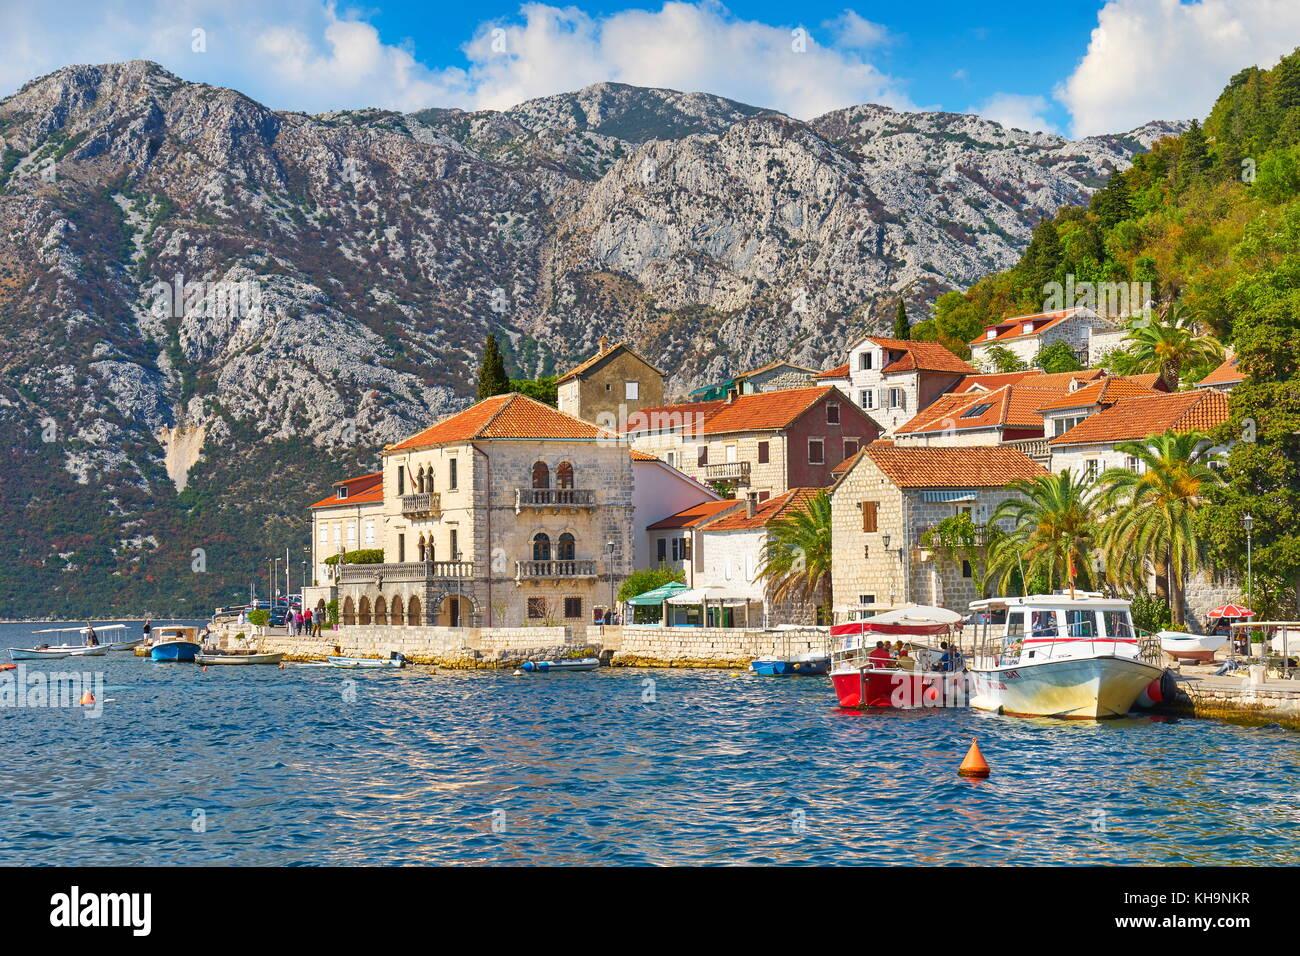 Perast balkan village mountain landscape, Kotor Bay, Montenegro - Stock Image